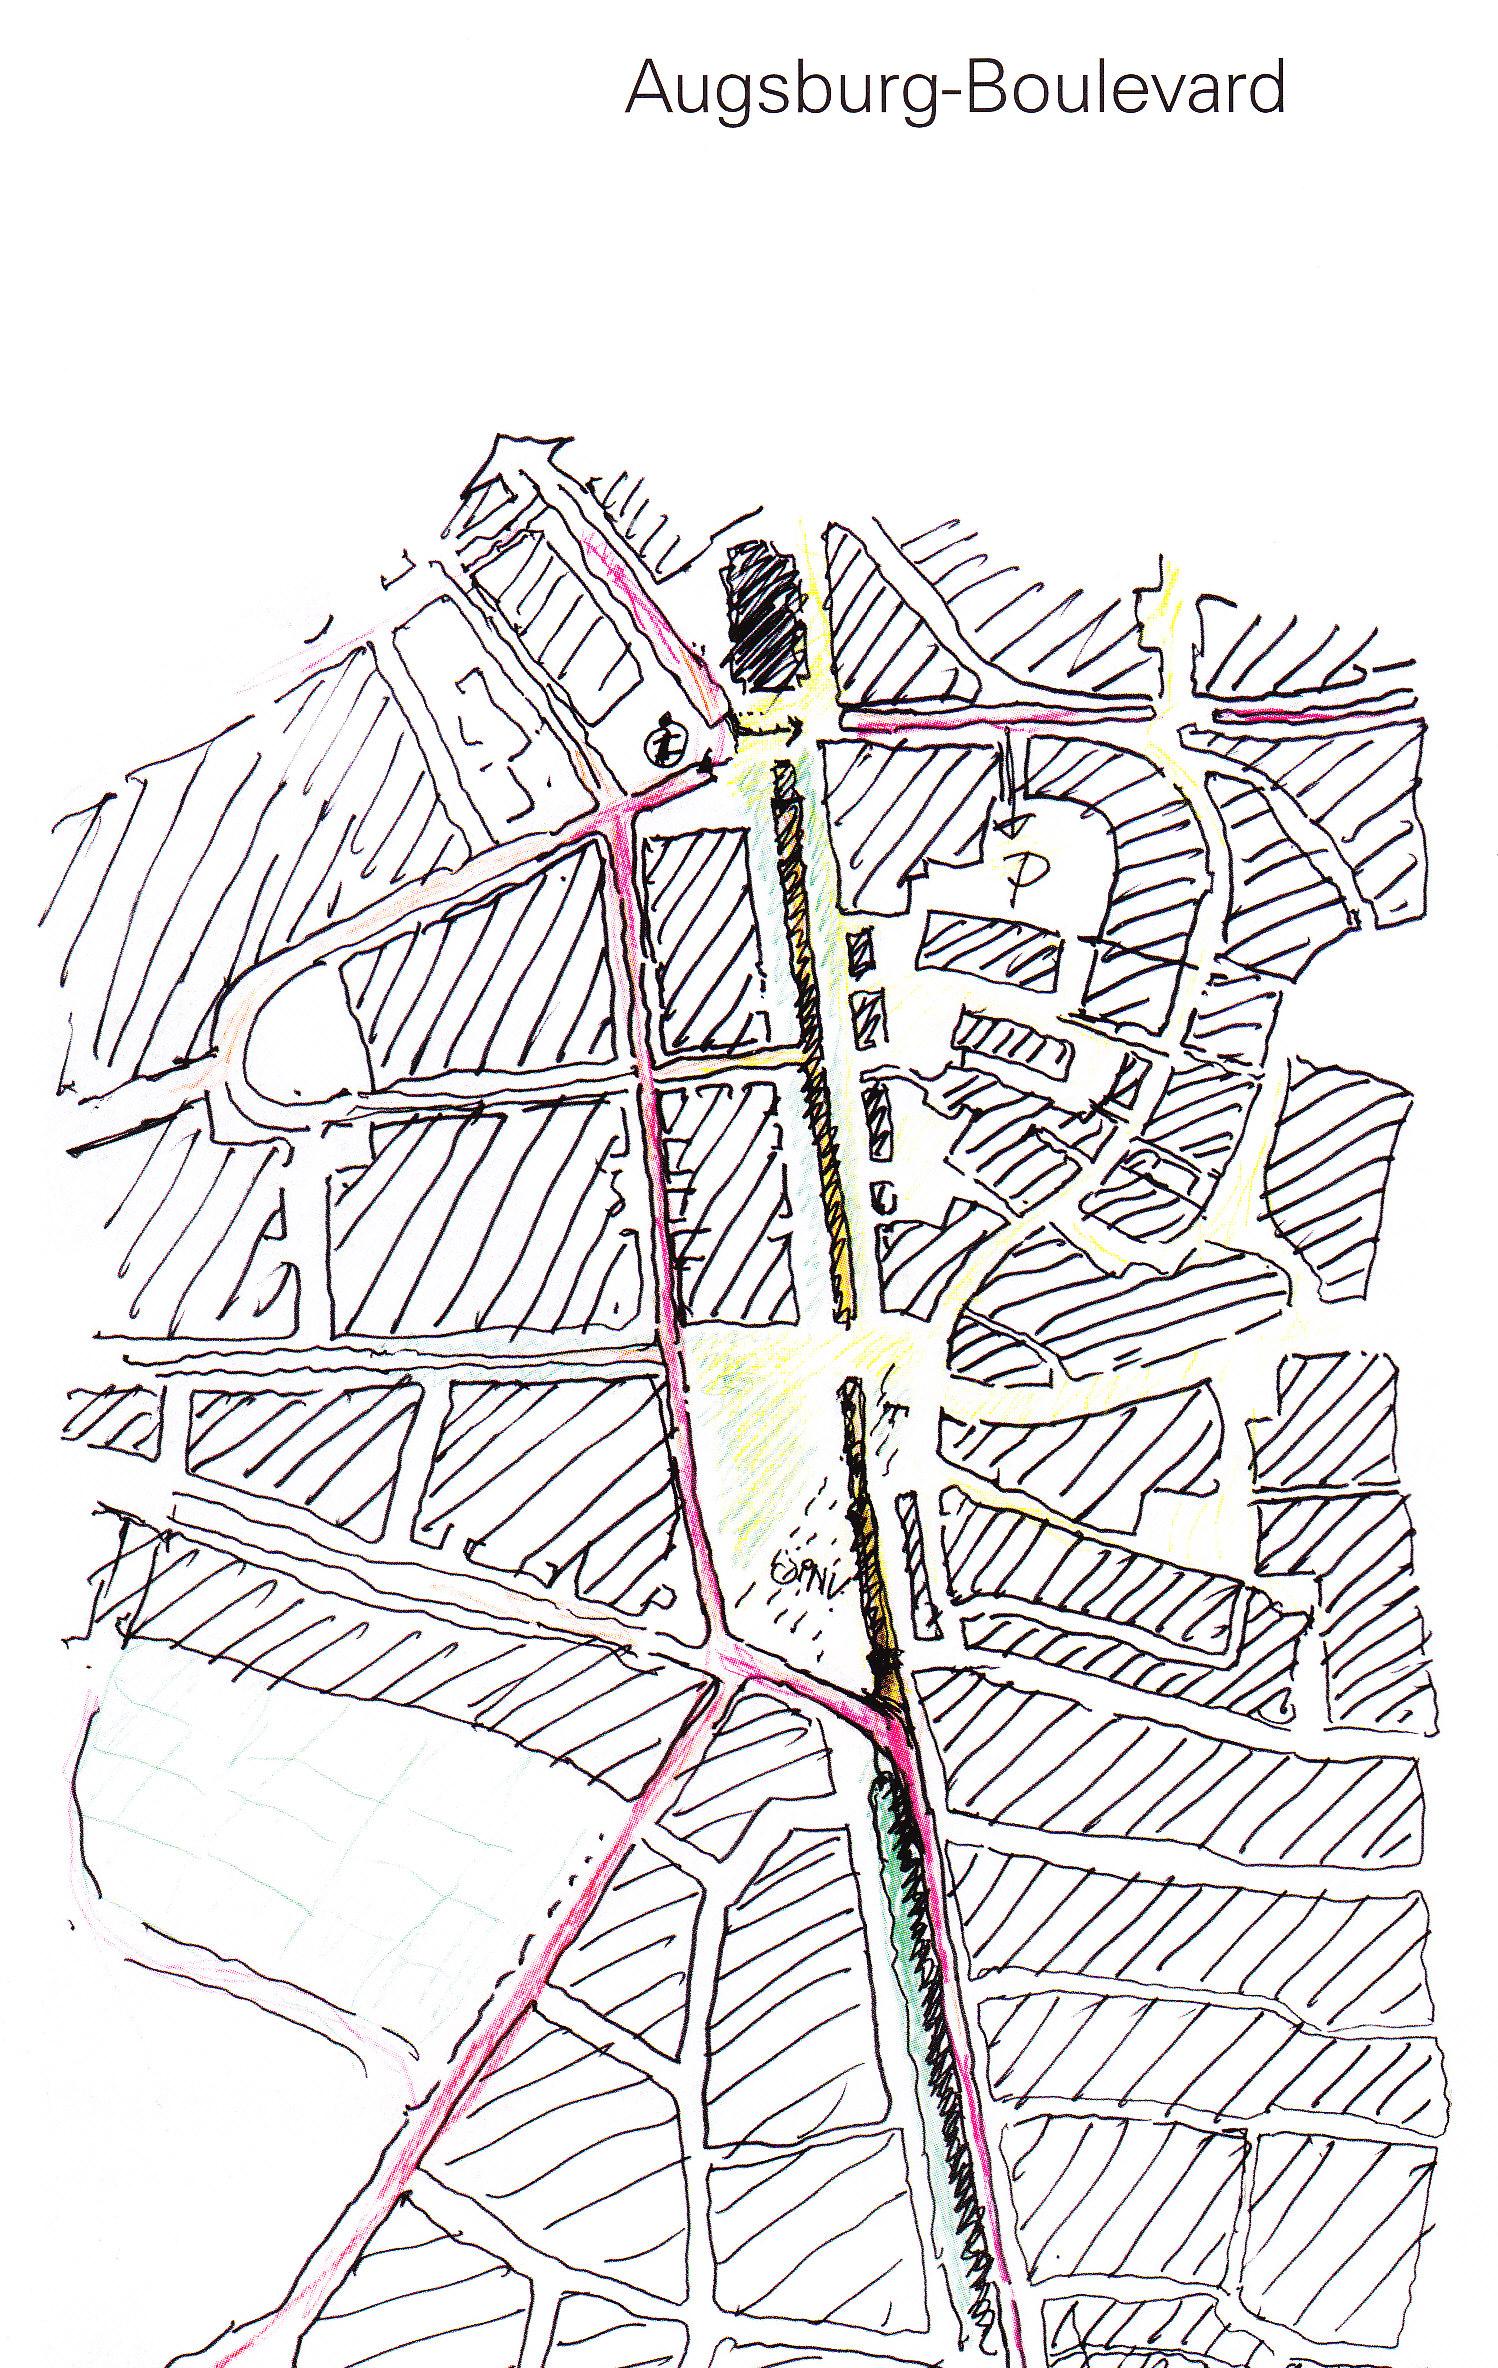 Skizze aus der Planerwerkstatt Nov. 2011 (Augsburg-Boulevard)